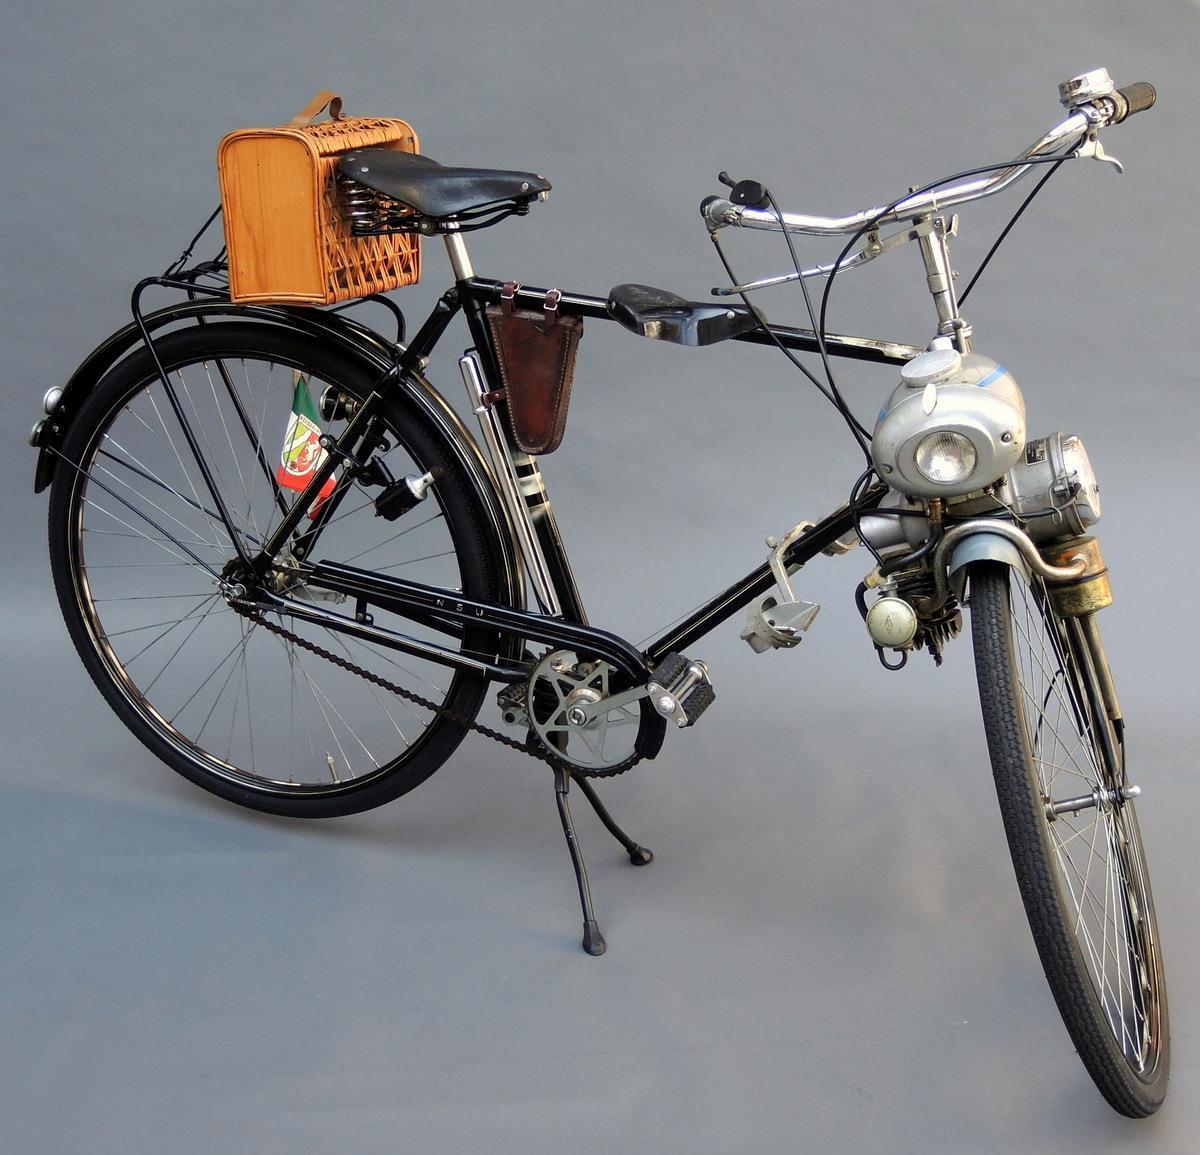 nsu fahrrad eilenriede mit hilfsmotor aus dem jahr 1952. Black Bedroom Furniture Sets. Home Design Ideas